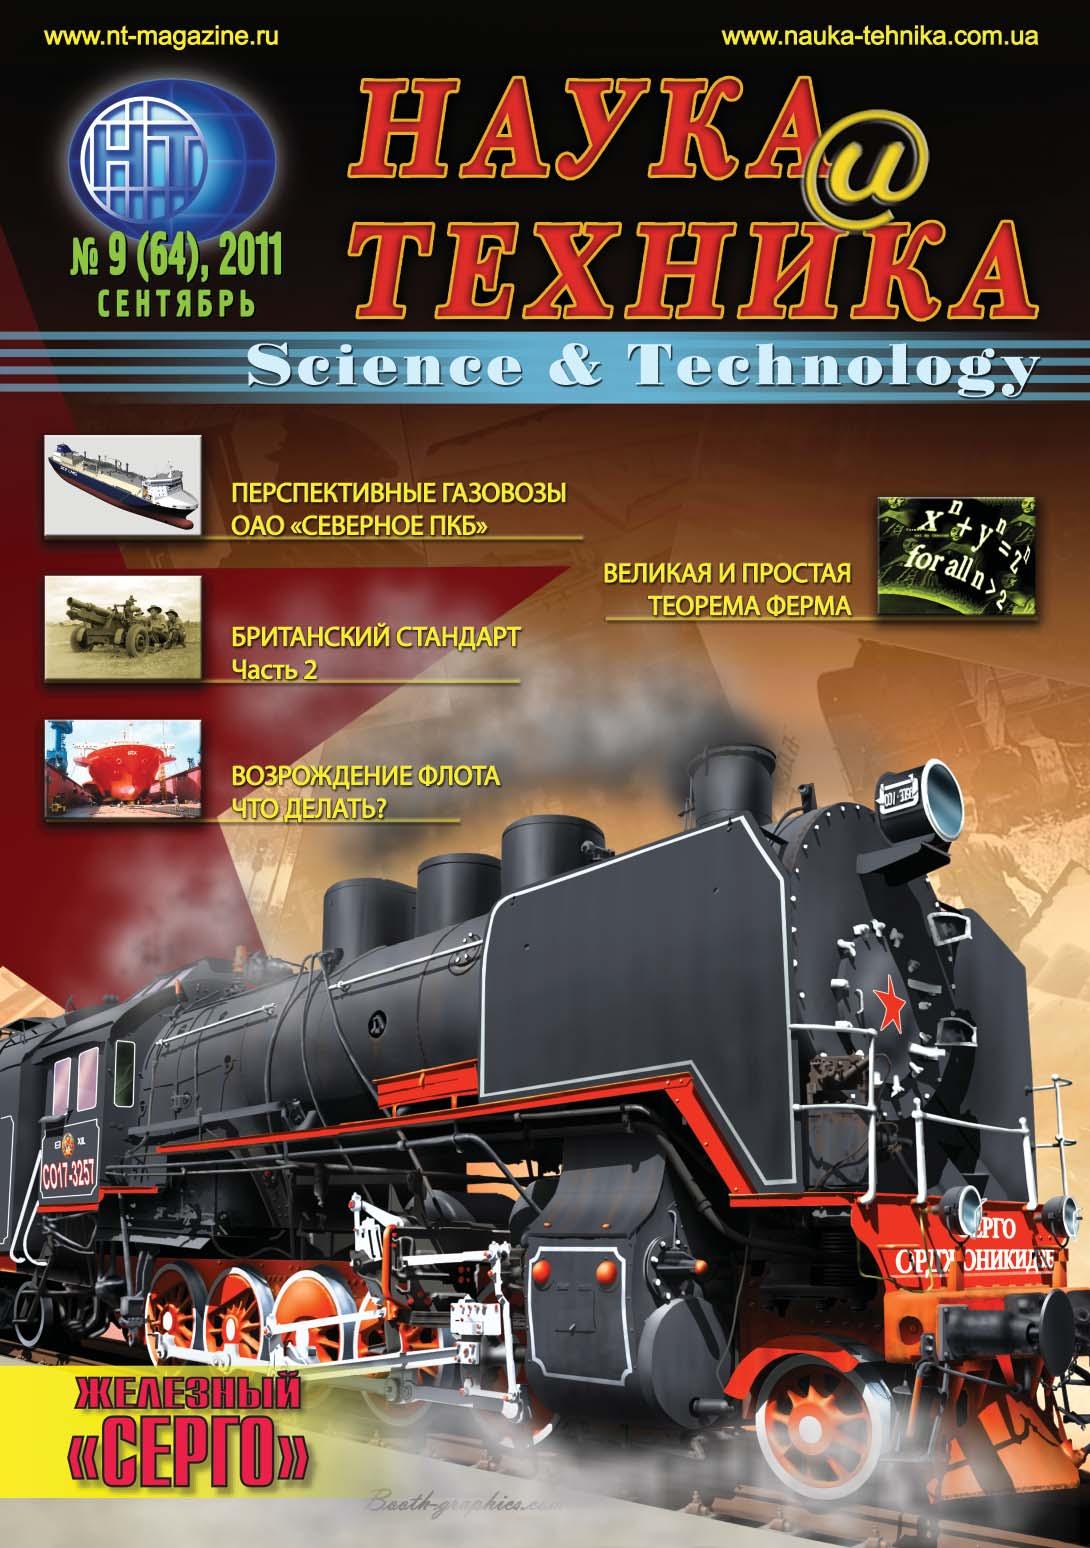 Наука и техника №09/2011